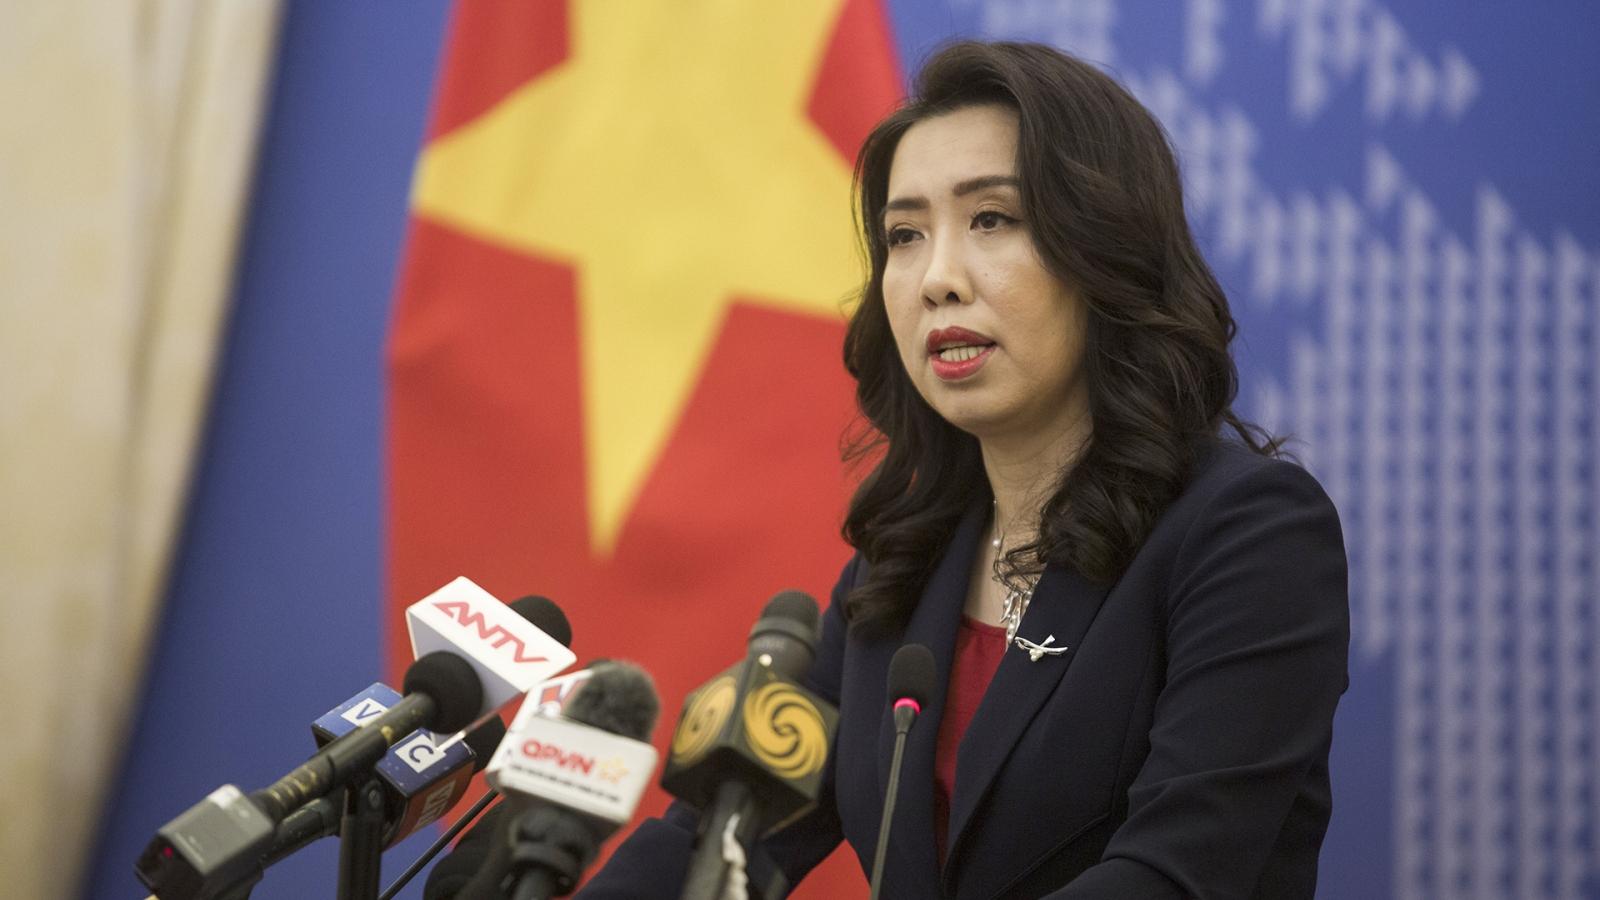 Việt Nam nói gì trước việc Nhật Bản và Anh cùng nêu quan ngại về Biển Đông?